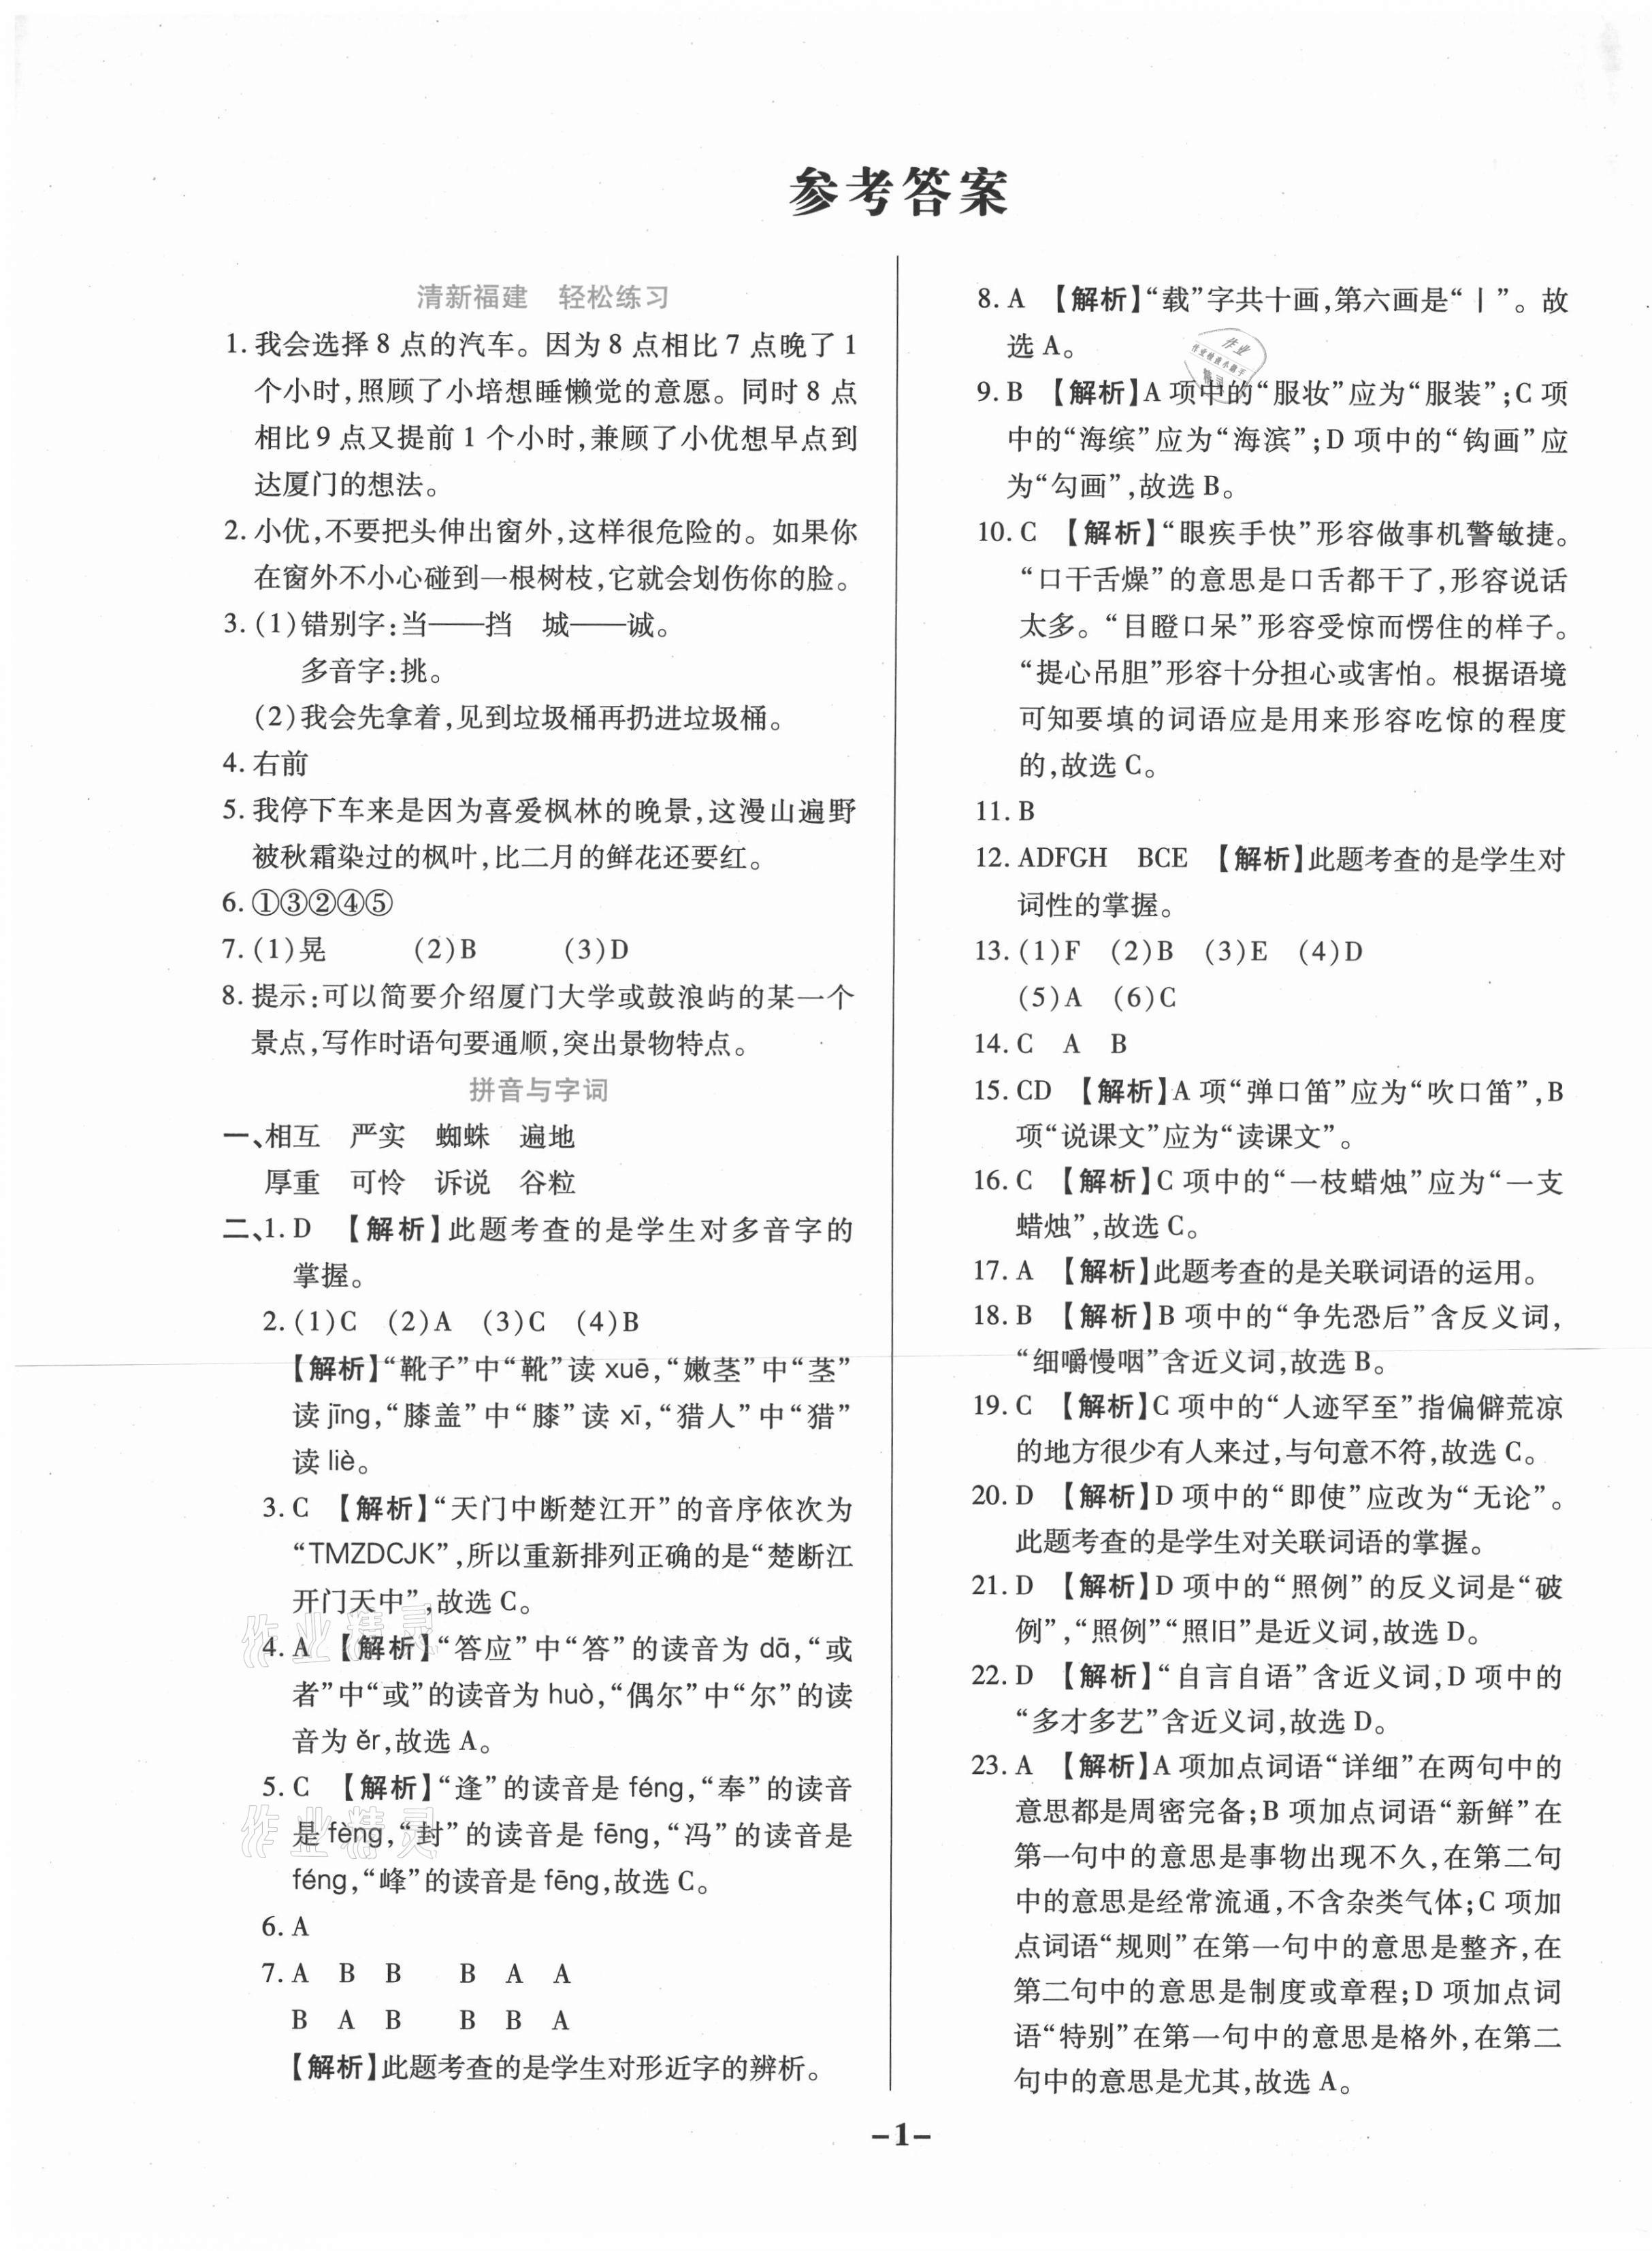 2020年期末状元卷三年级语文上册人教版福建专版参考答案第1页